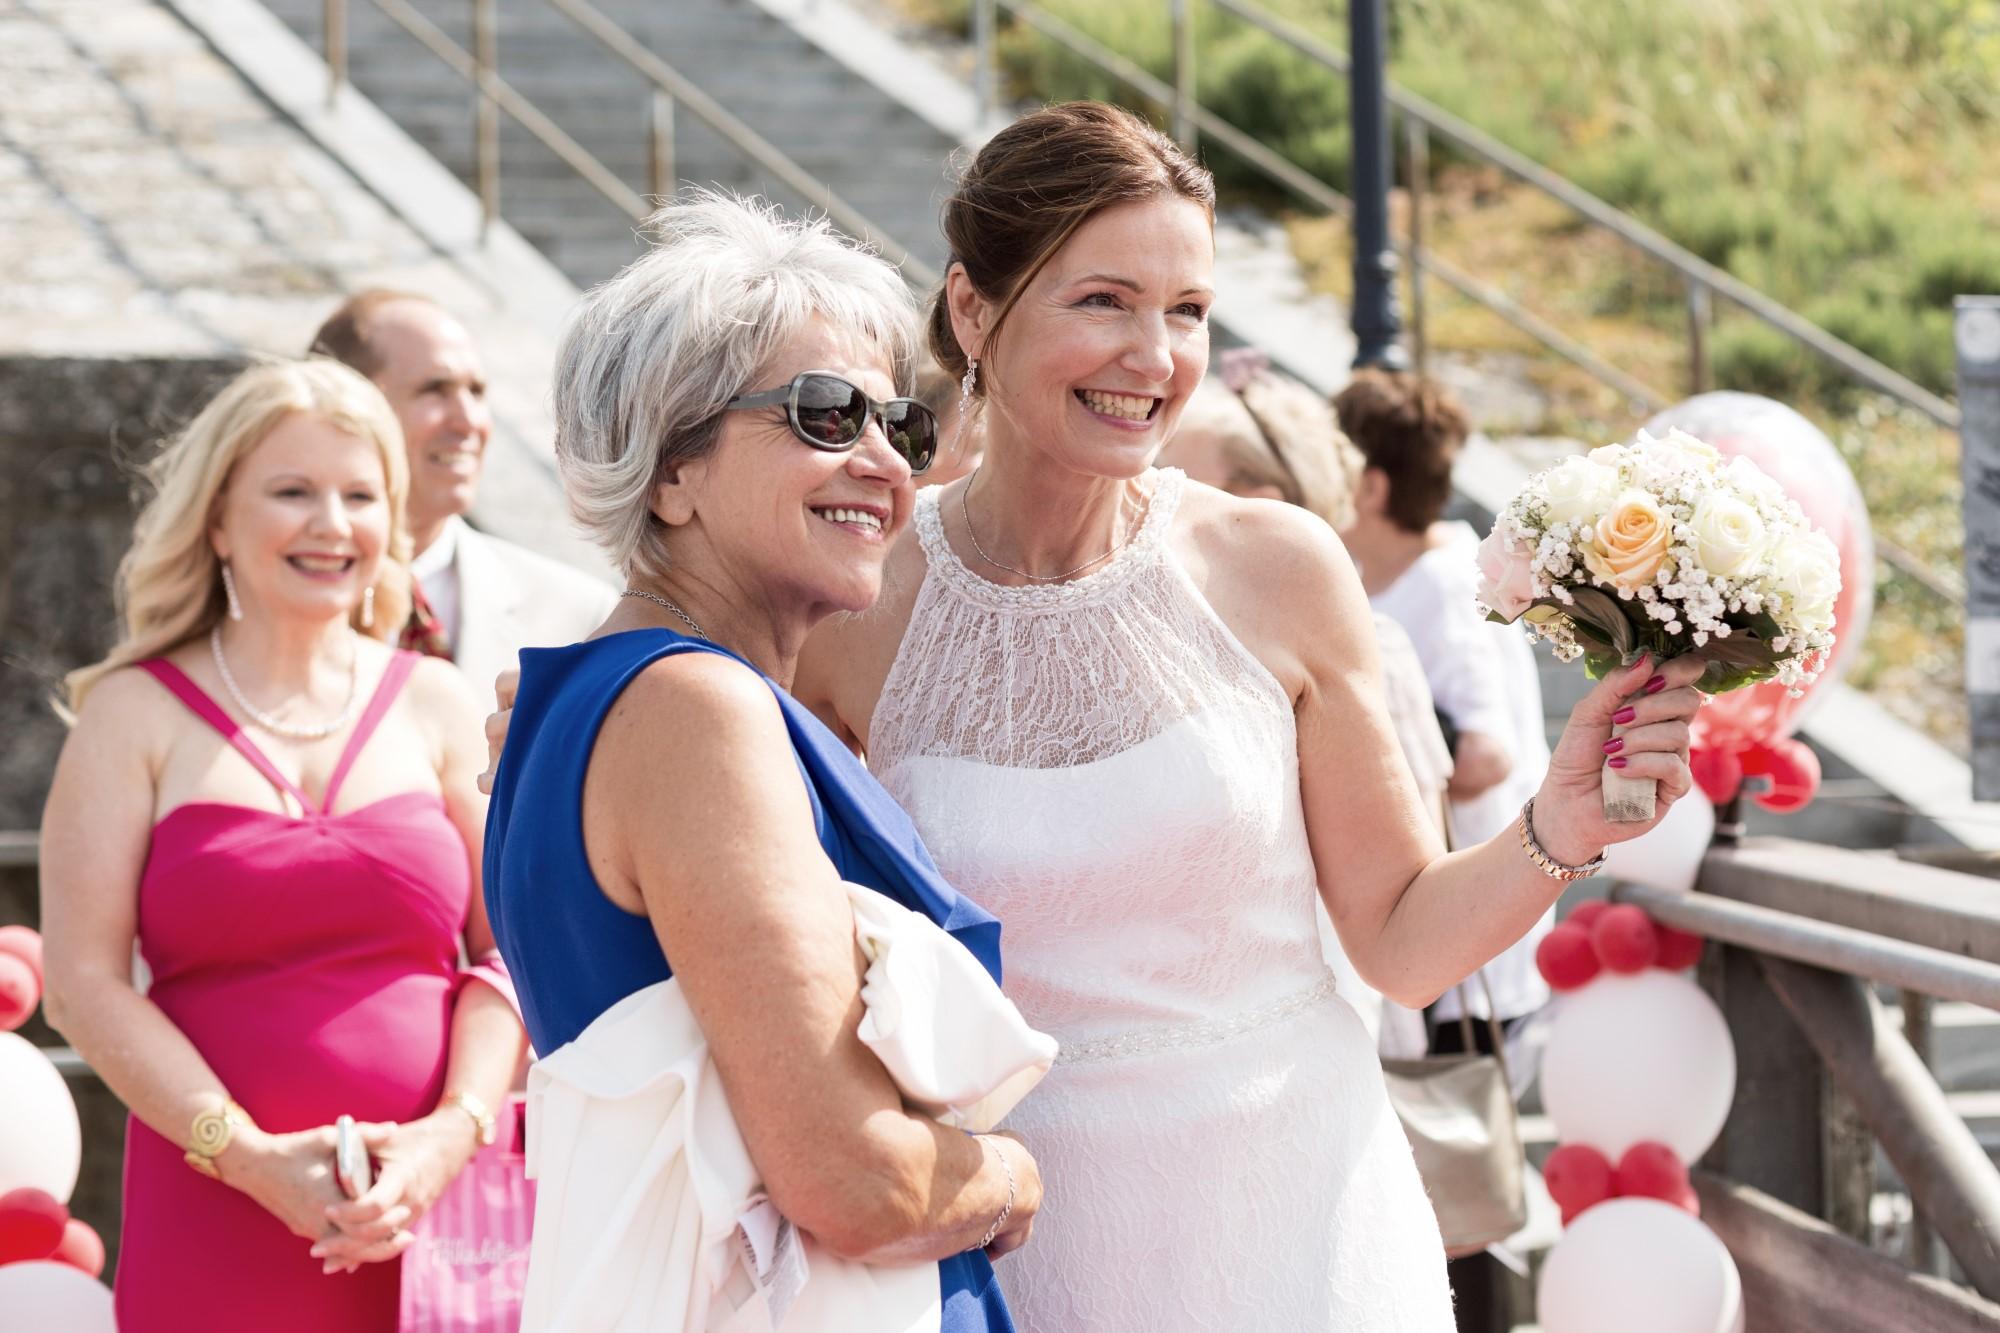 Braut begrüsst die Hochzeitsgäste